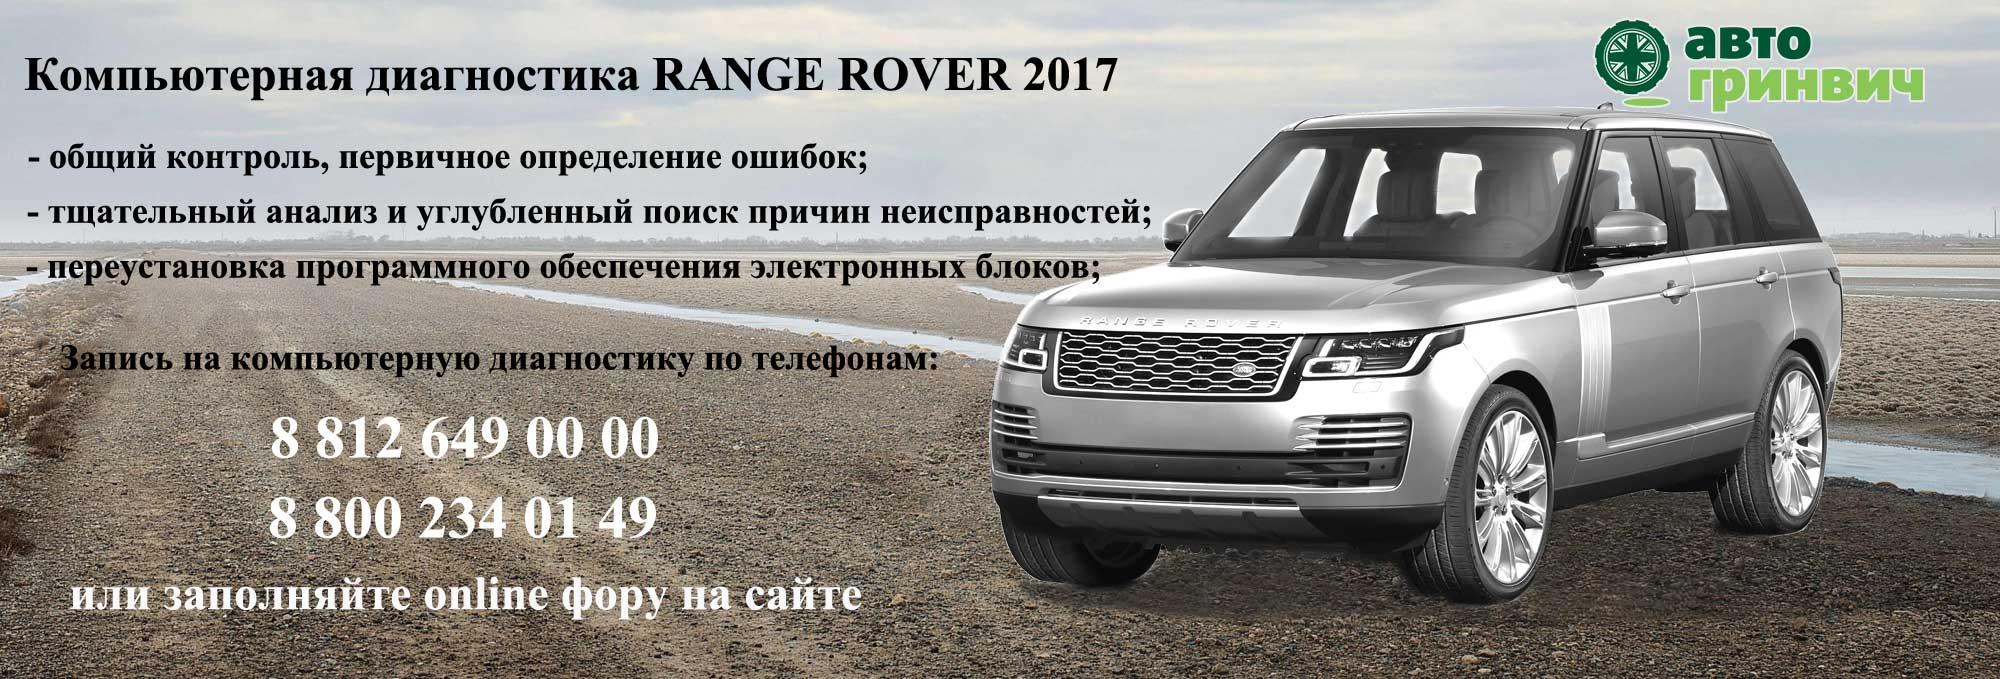 Диагностика Range Rover 2017